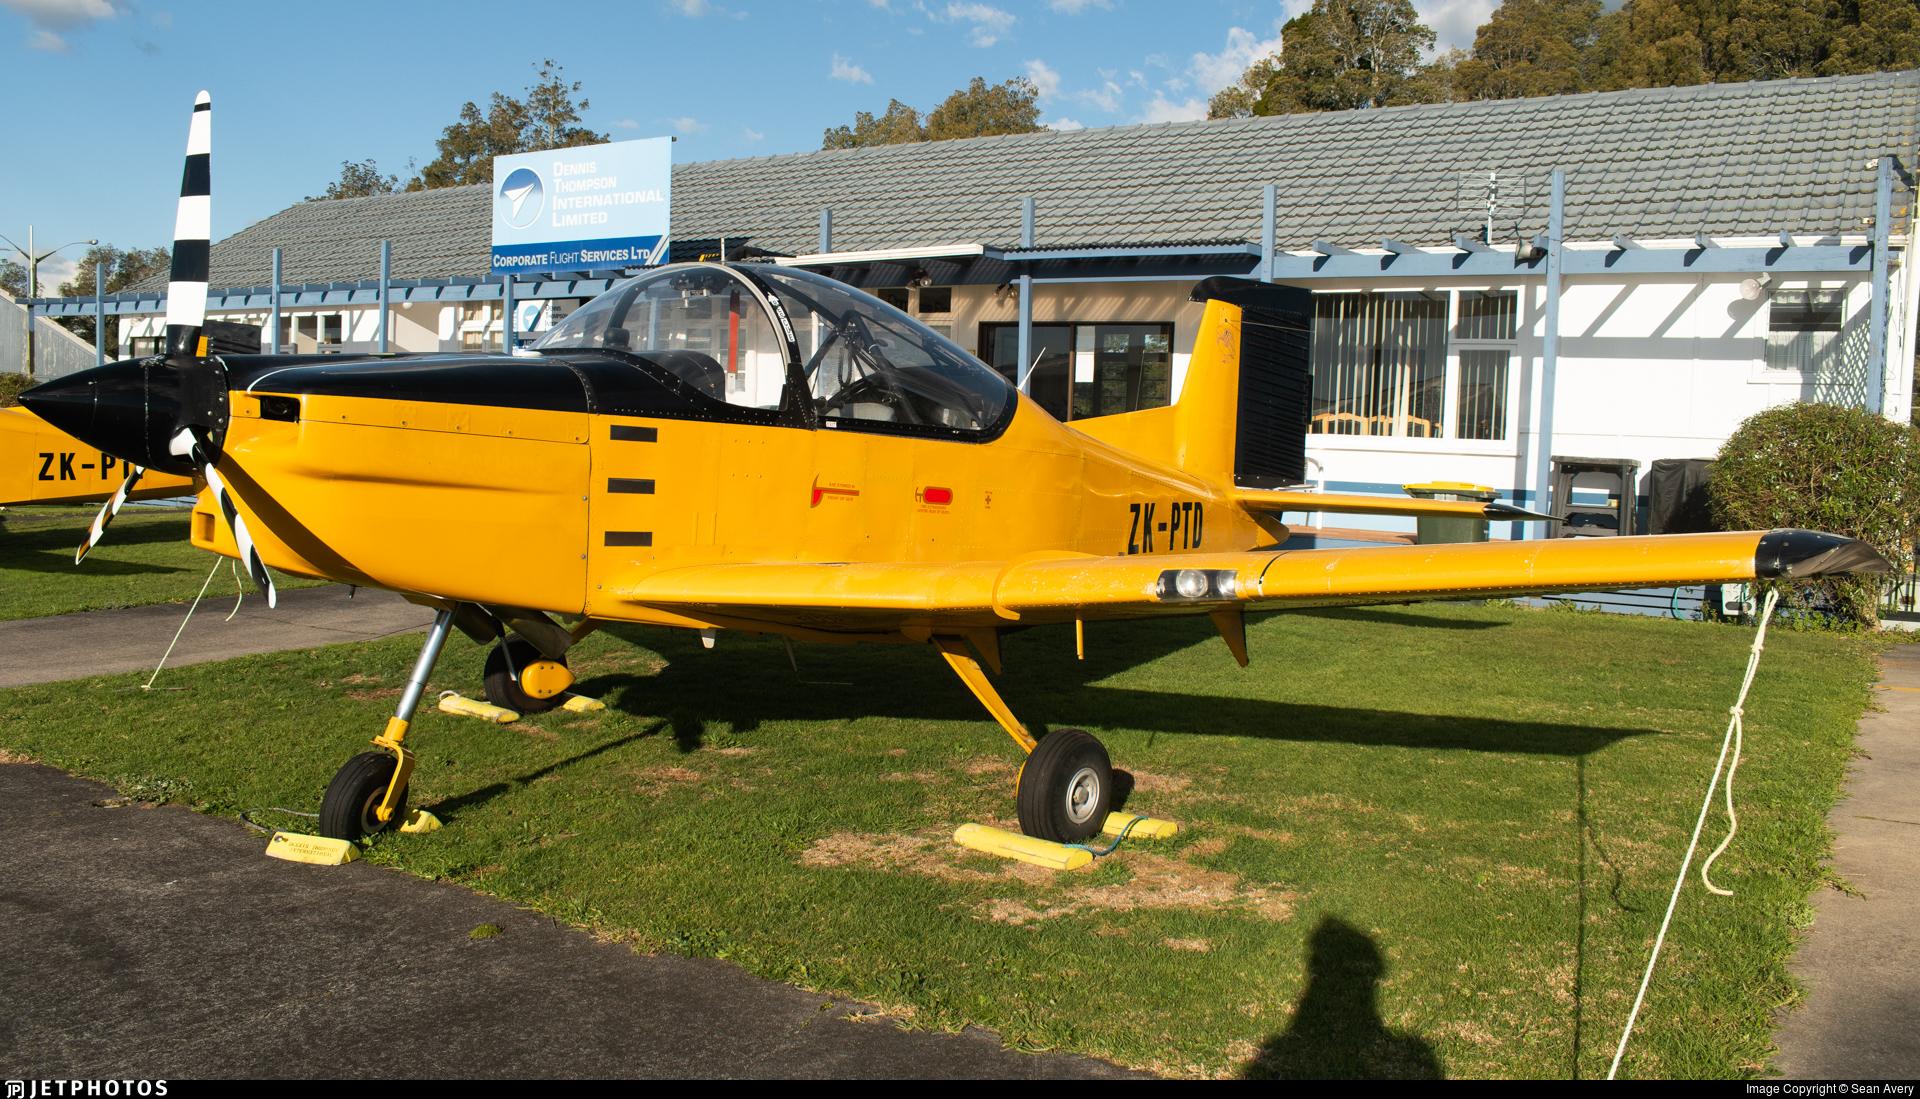 ZK-PTD - Pacific Aerospace CT-4E Airtrainer - Private